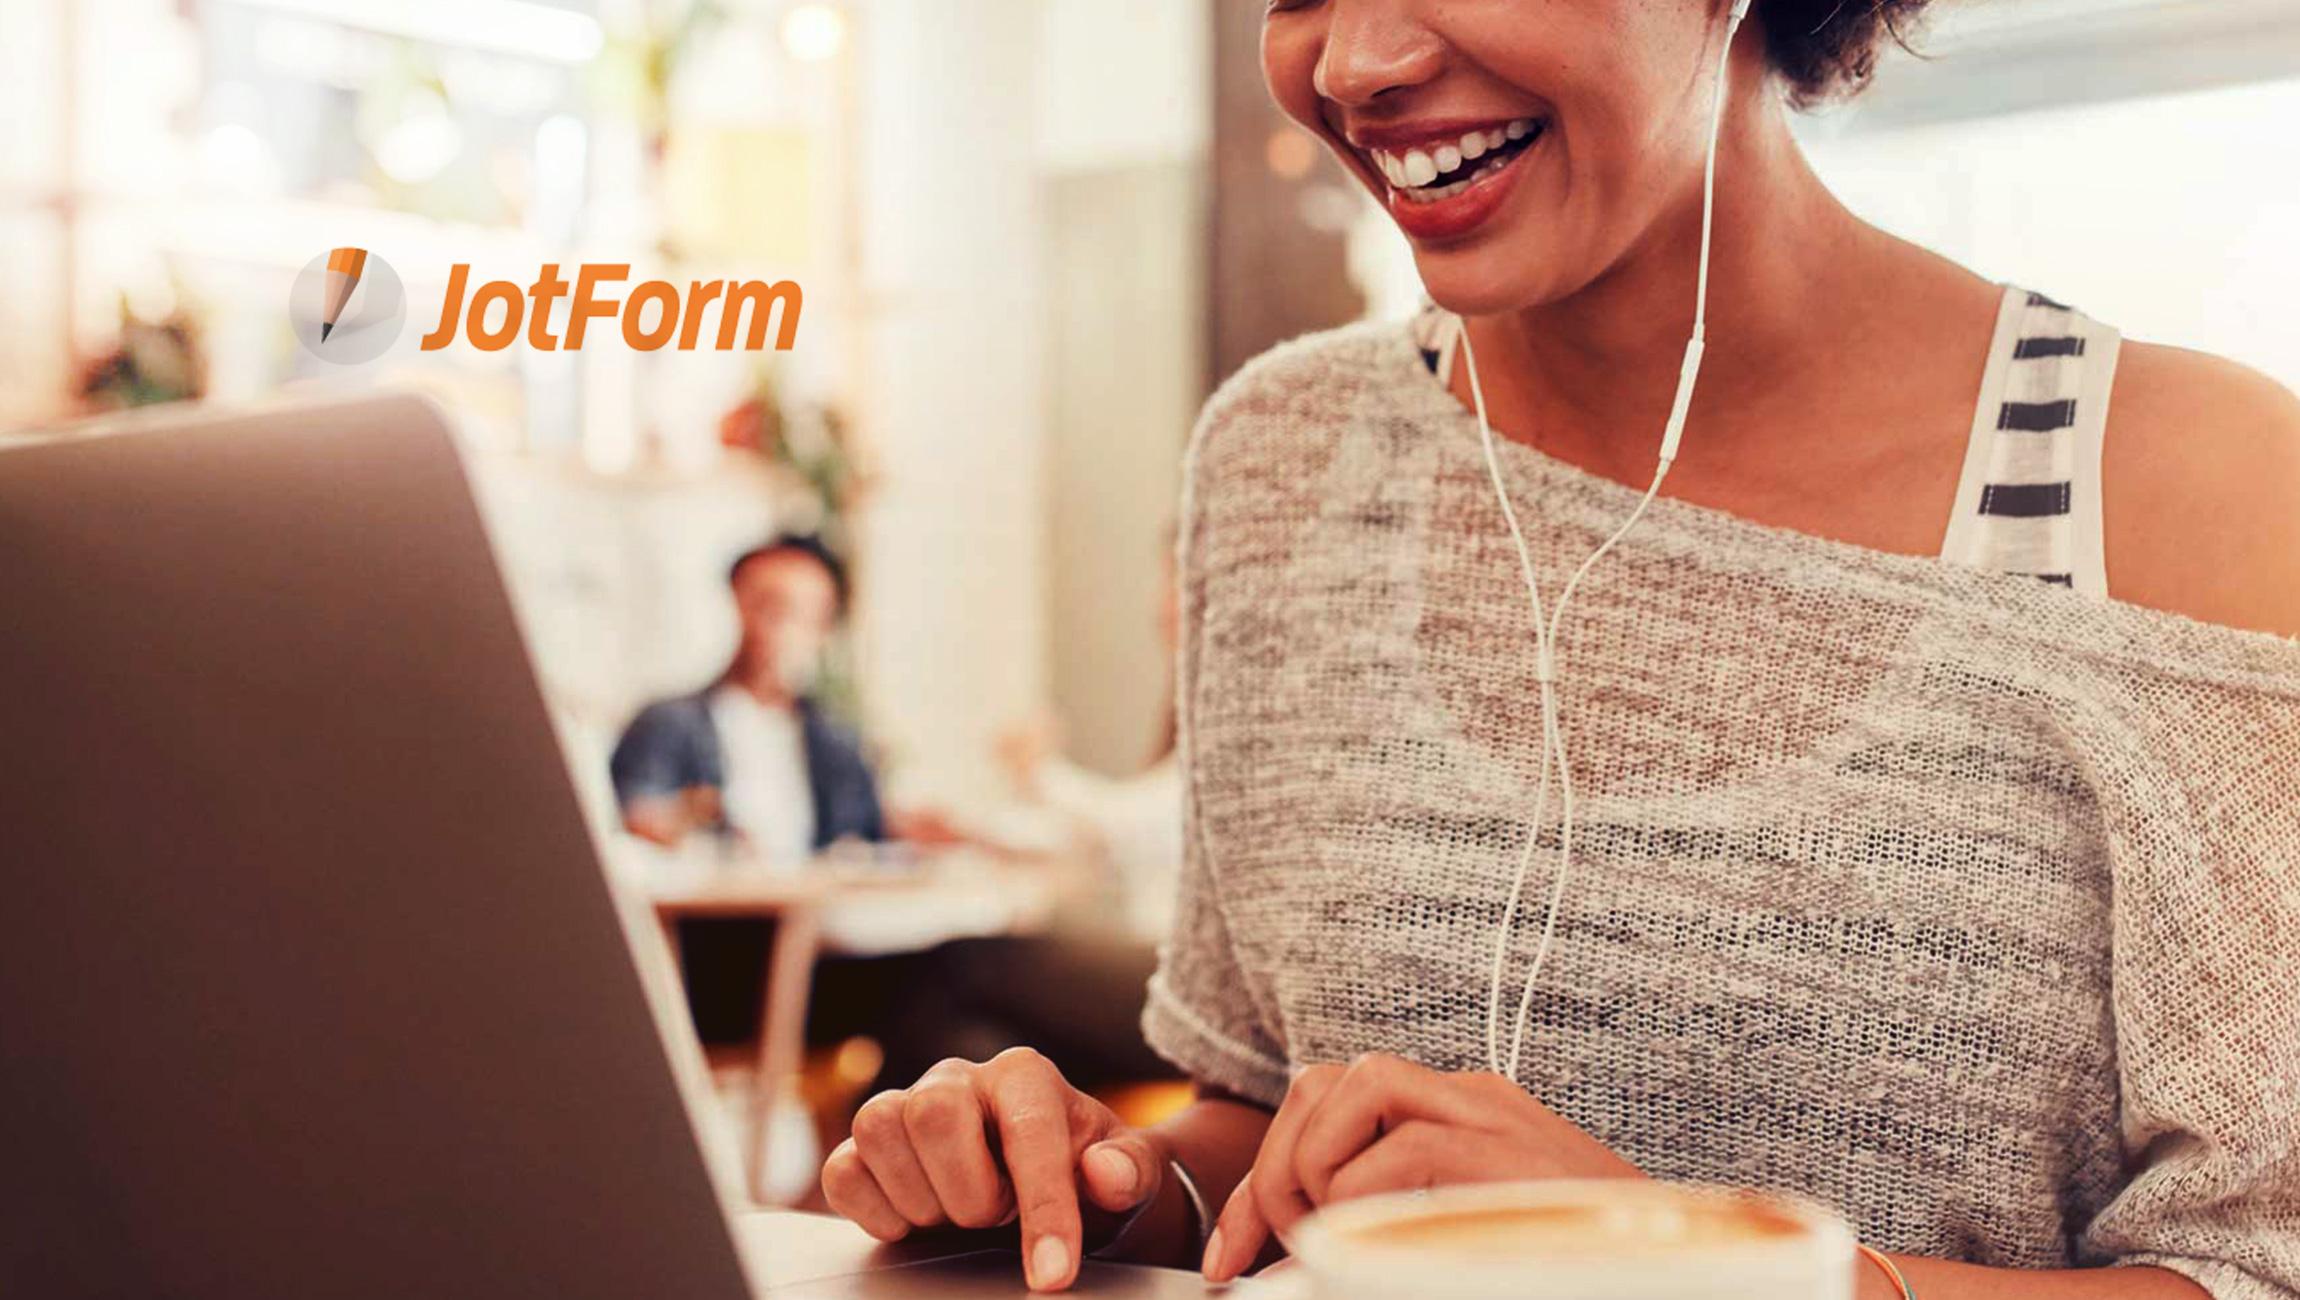 JotForm's New Slack Integration Helps Teams Respond Faster